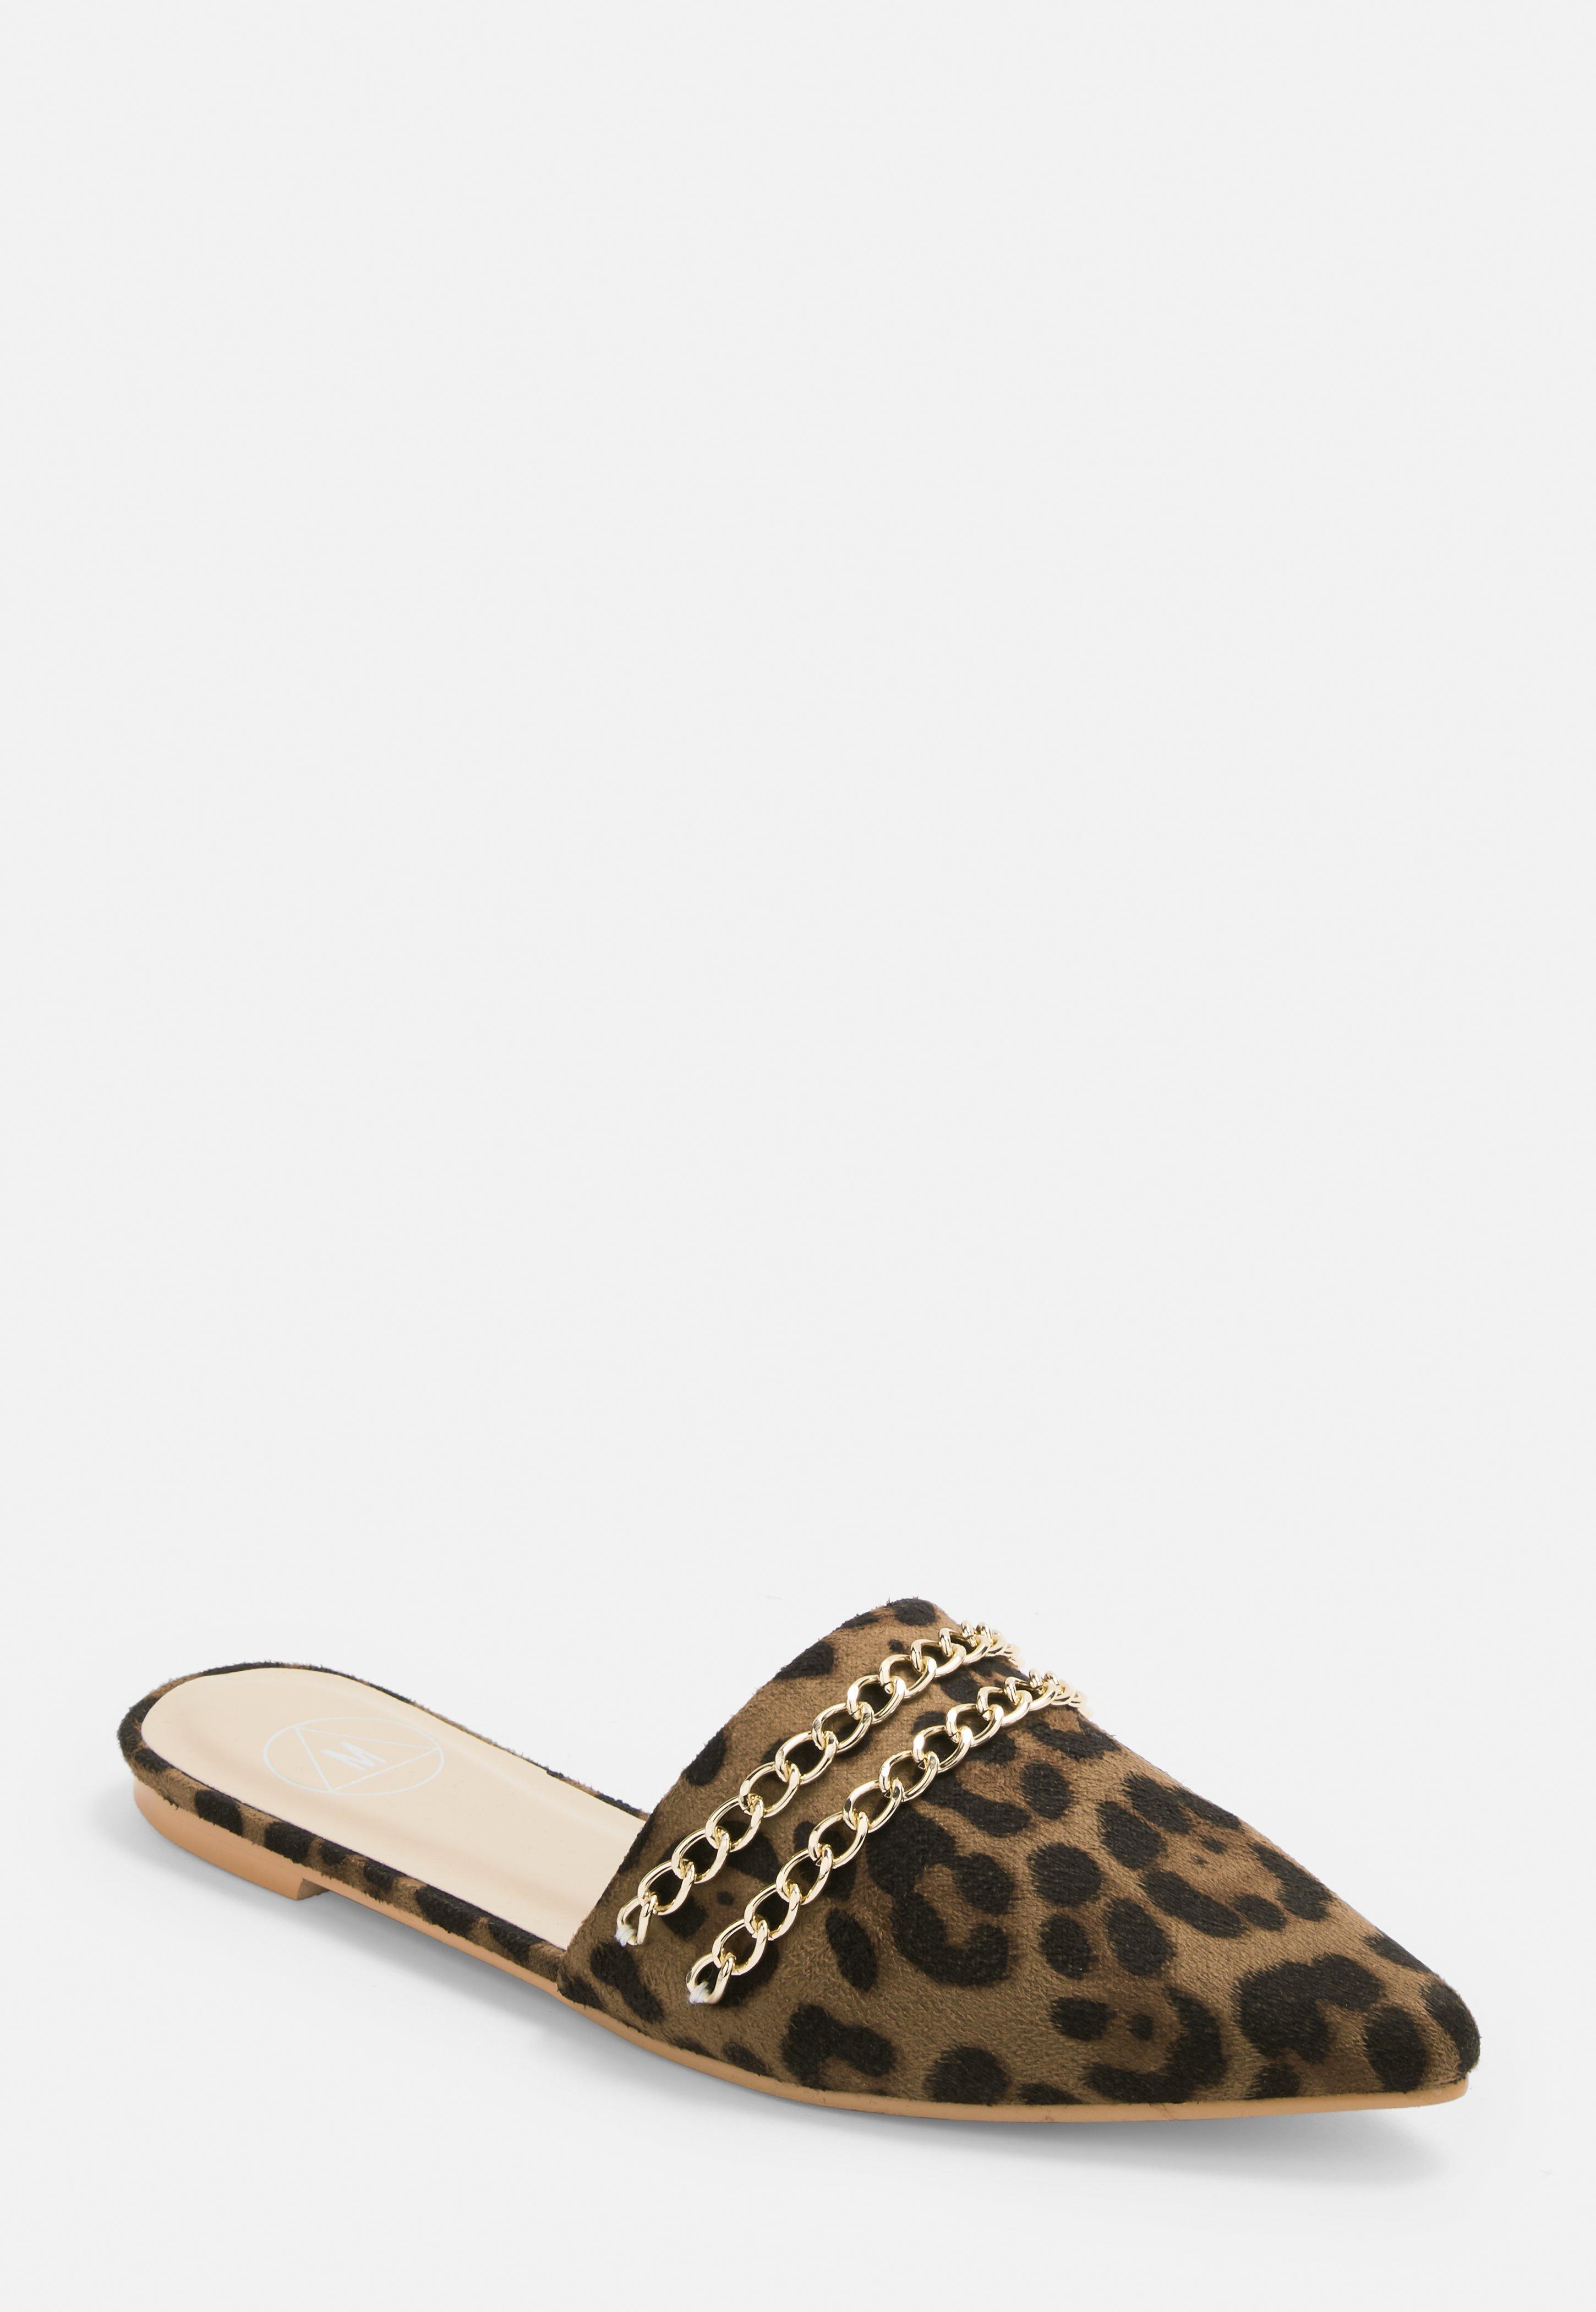 2a369e5ec179 Shoes   Women's Footwear Online UK - Missguided